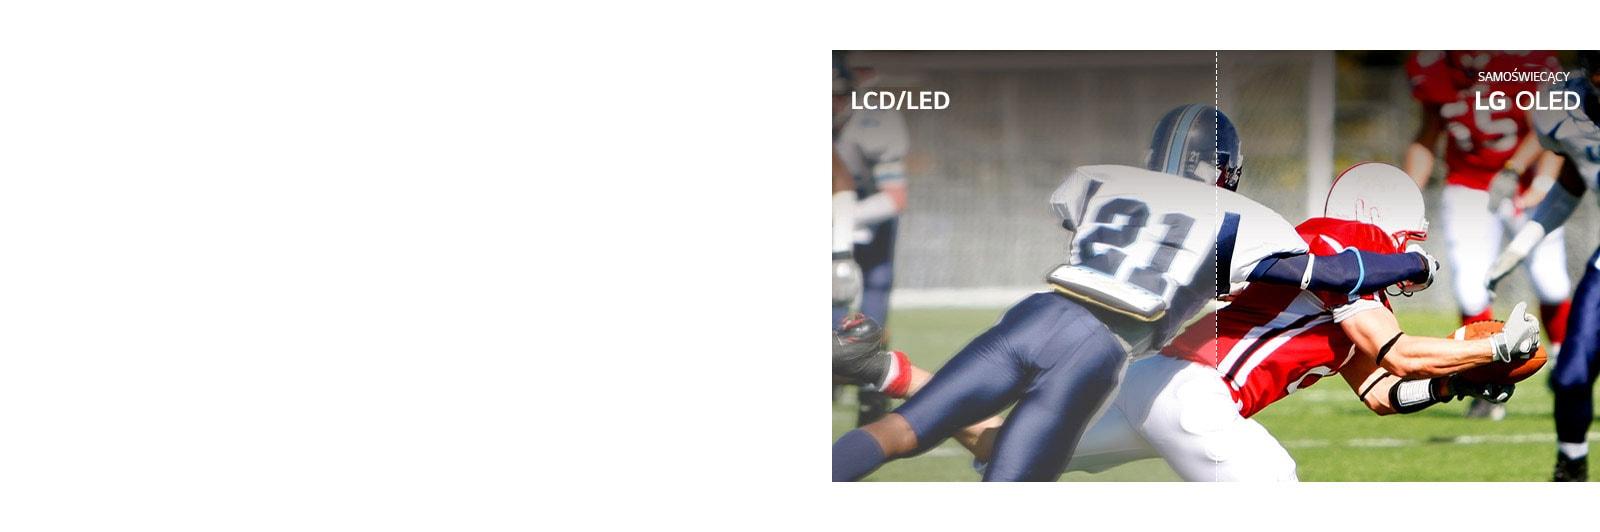 Scena z meczu piłkarskiego. Połowa jest zamazana z ekranu LCD/LED, a druga połowa jest wyraźna, ponieważ pochodzi z ekranu telewizora LG OLED